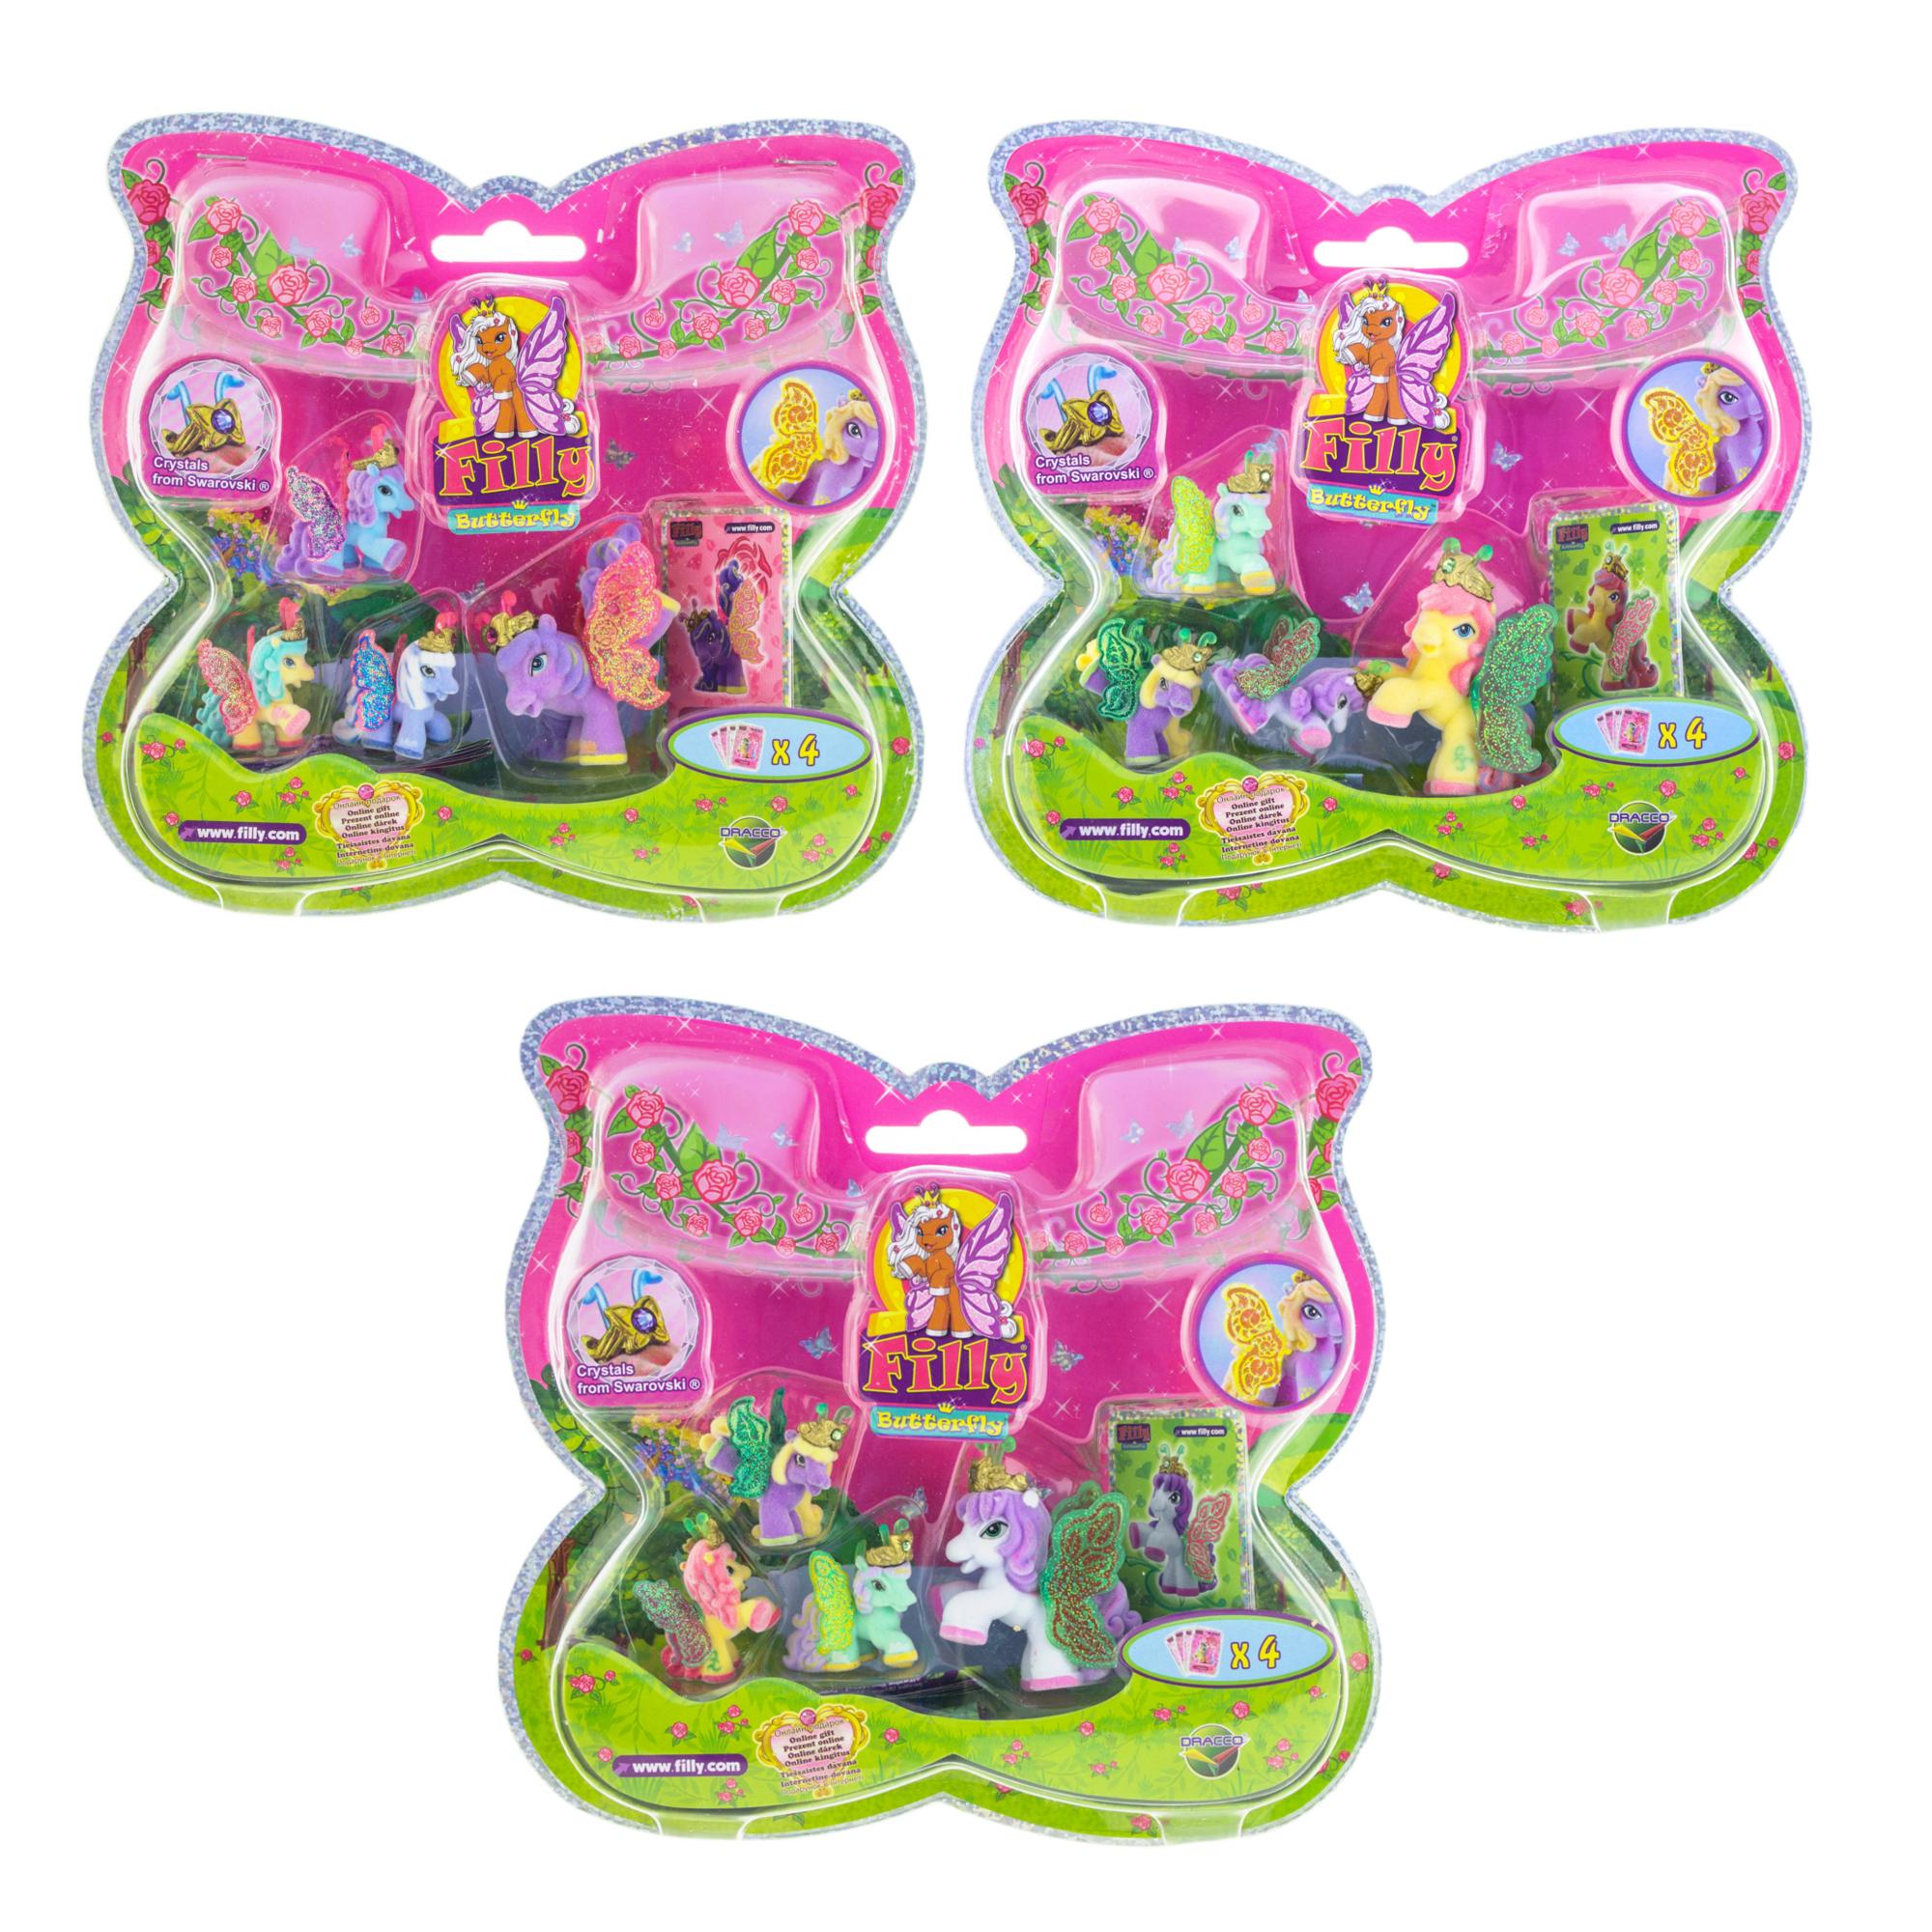 Набор игровой «Filly»  Бабочки с блестками «Волшебная семья» - Лошадки Филли Filly Princess, артикул: 126289